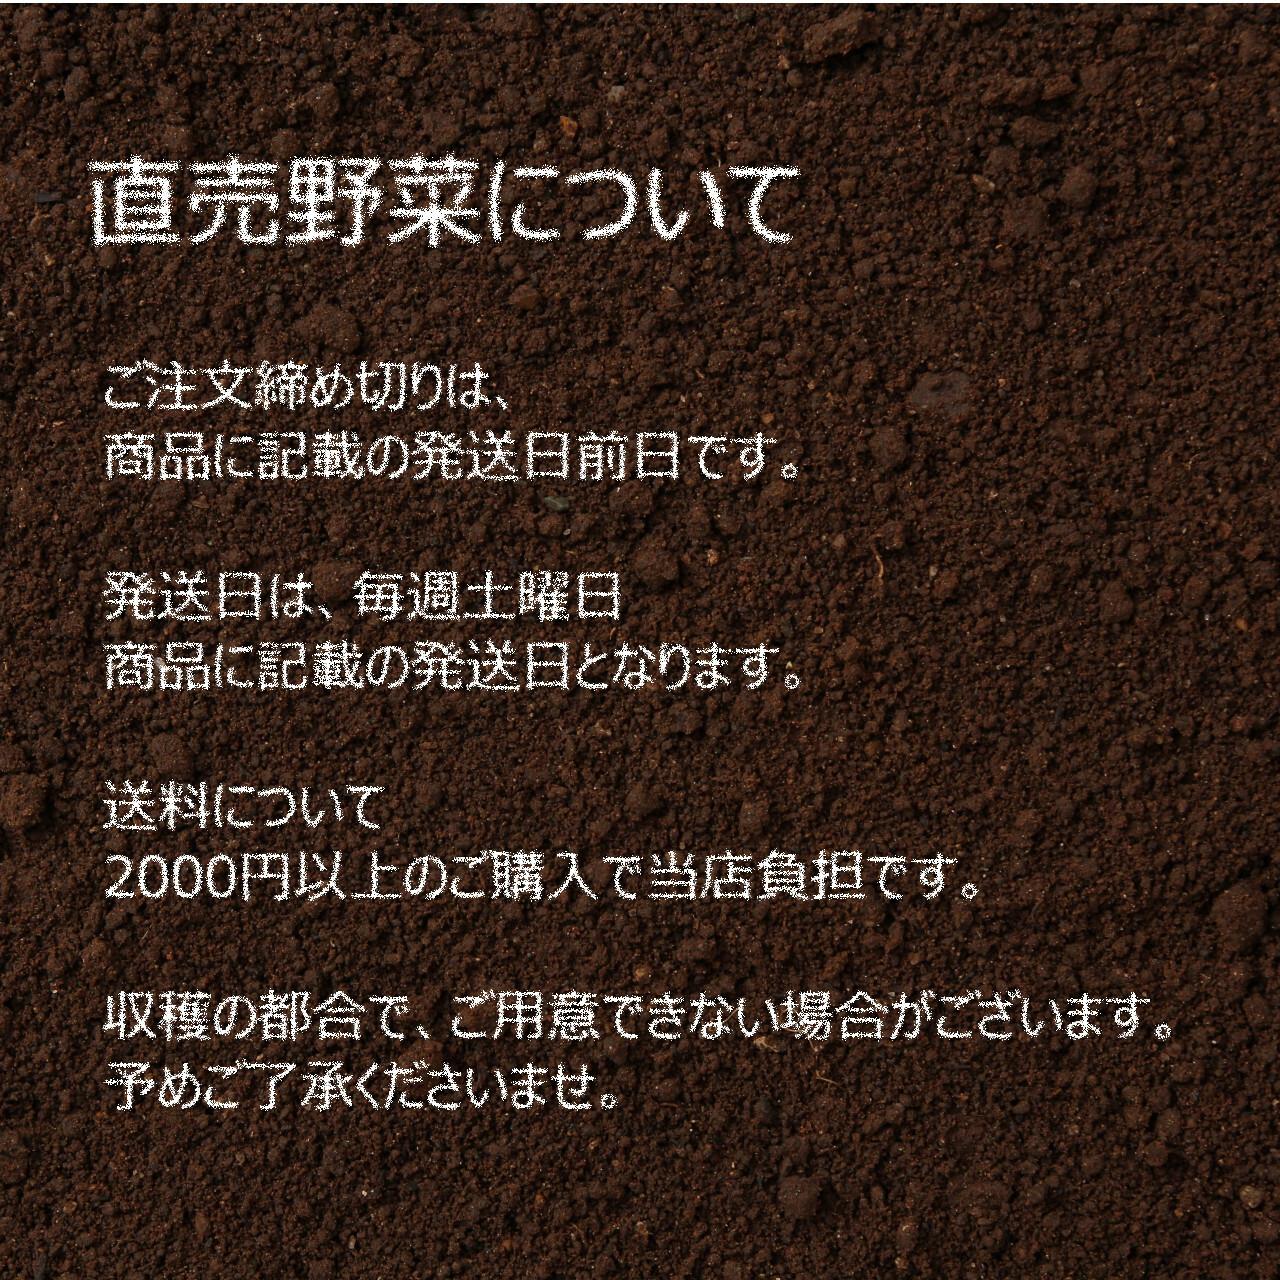 6月の新鮮野菜 : ネギ 3~4本 朝採り直売野菜 6月26日発送予定